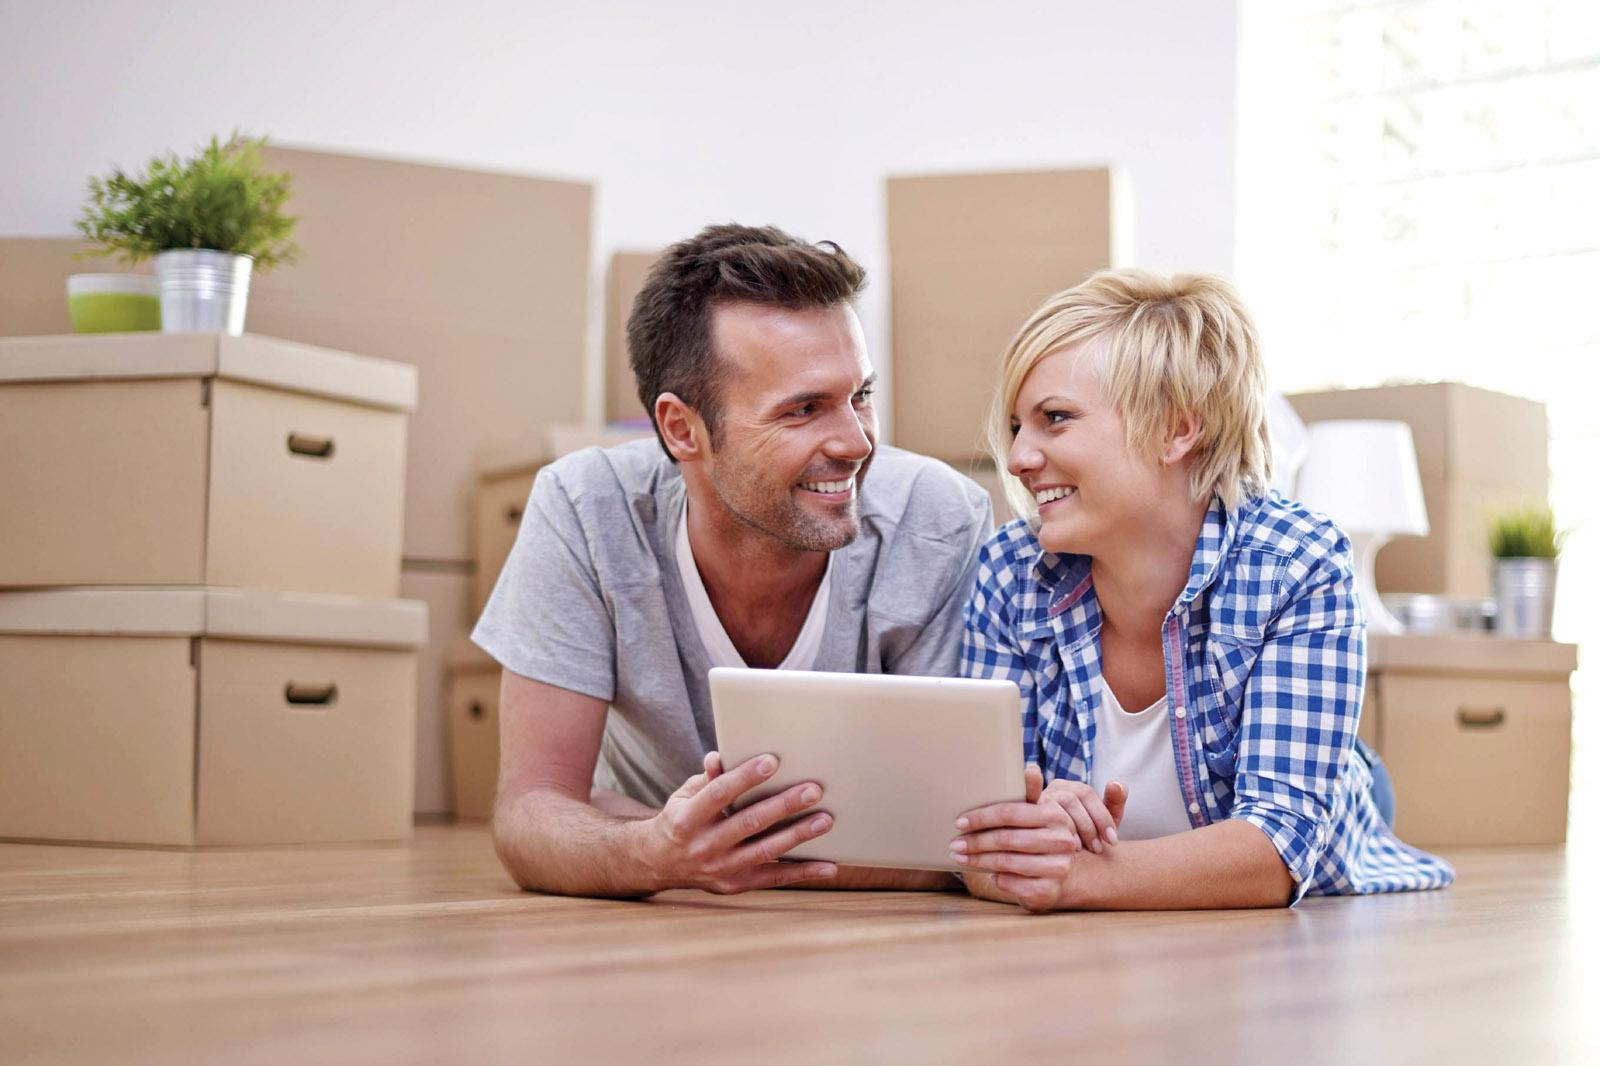 Страхование ипотеки снижает проценты по кредиту